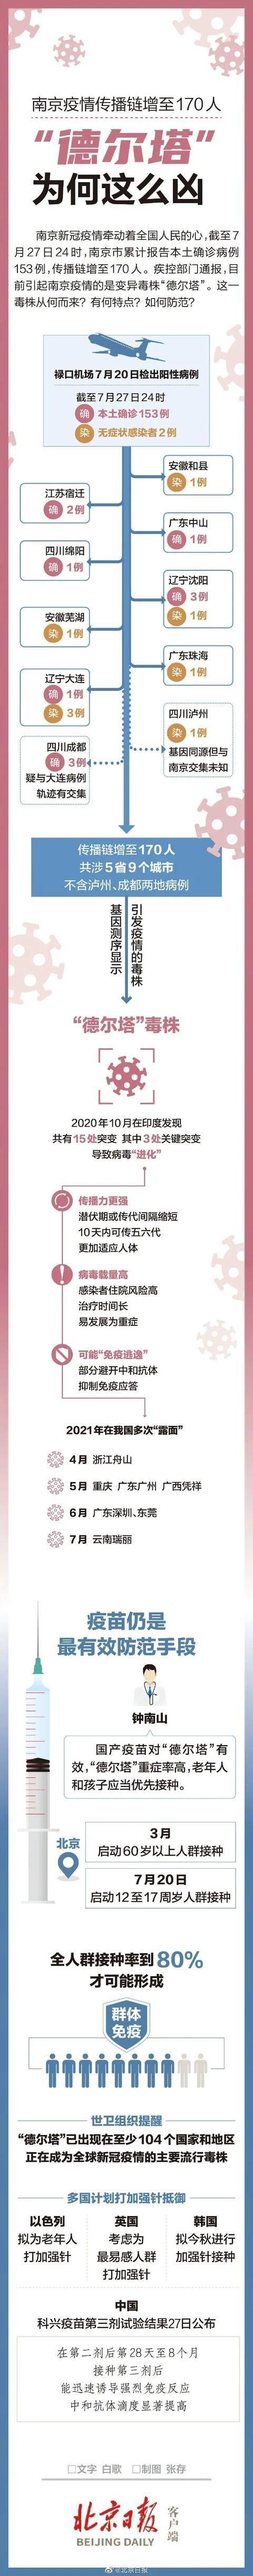 太恐怖!一图看懂德尔塔毒株为何这么凶:南京疫情传播链增至170人、传染性更强